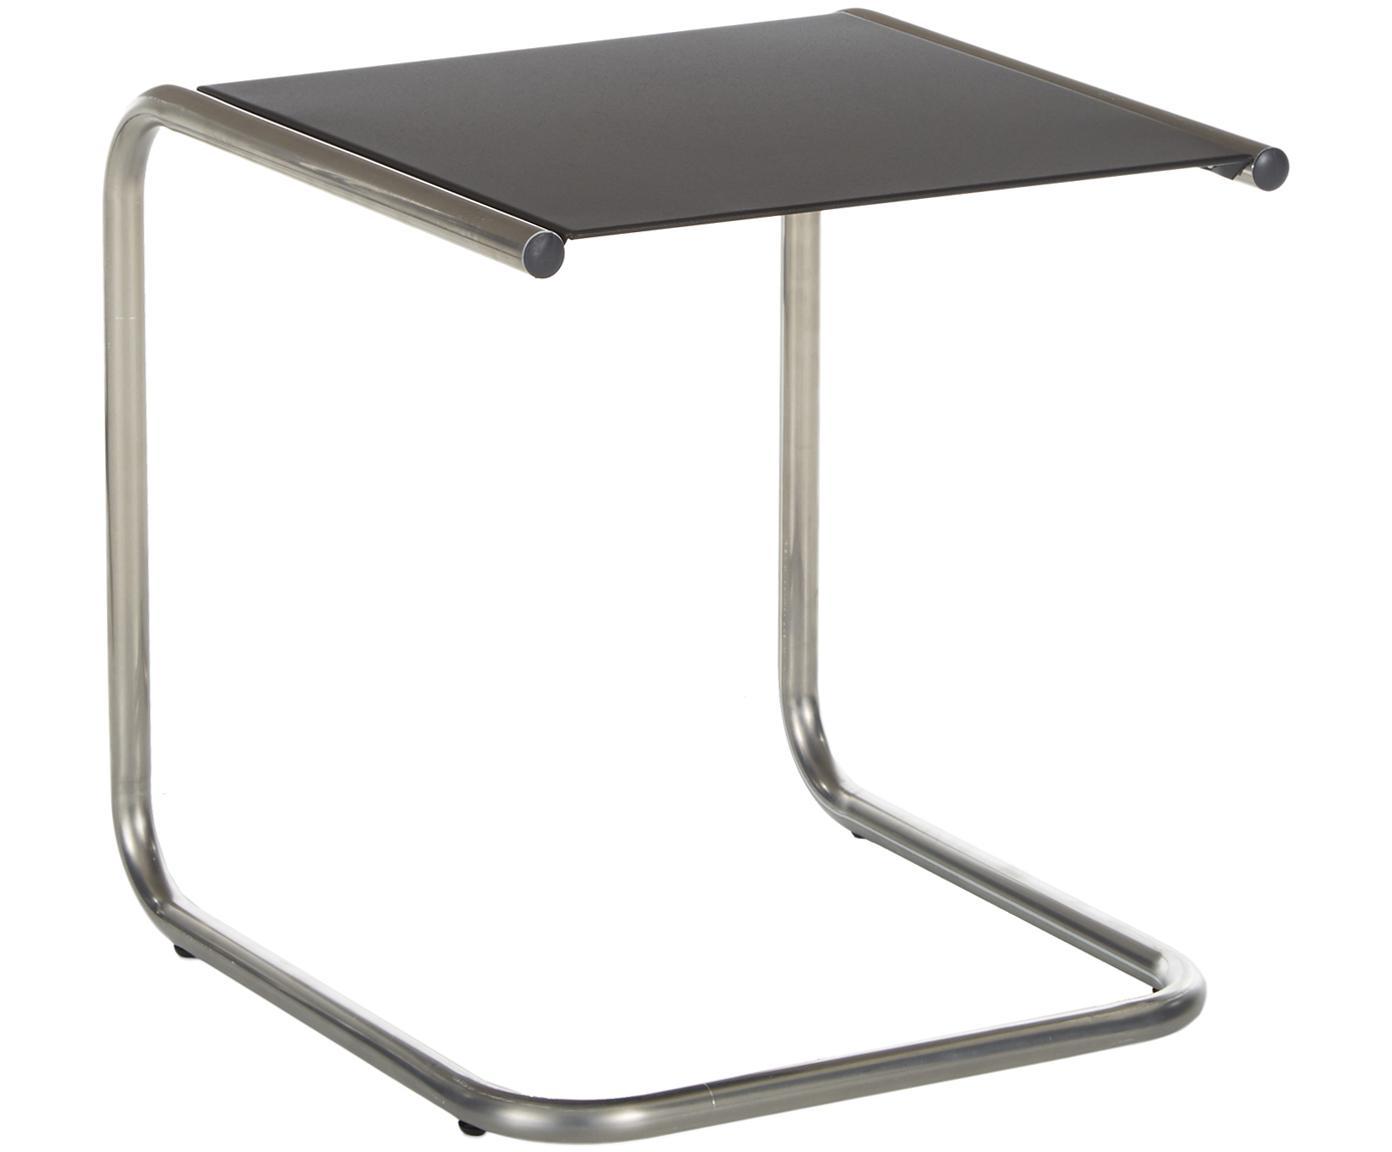 Tavolino da esterno in metallo Club, Piano d'appoggio: metallo, verniciato a pol, Struttura: alluminio lucido, Nero, alluminio, Larg. 40 x Prof. 40 cm